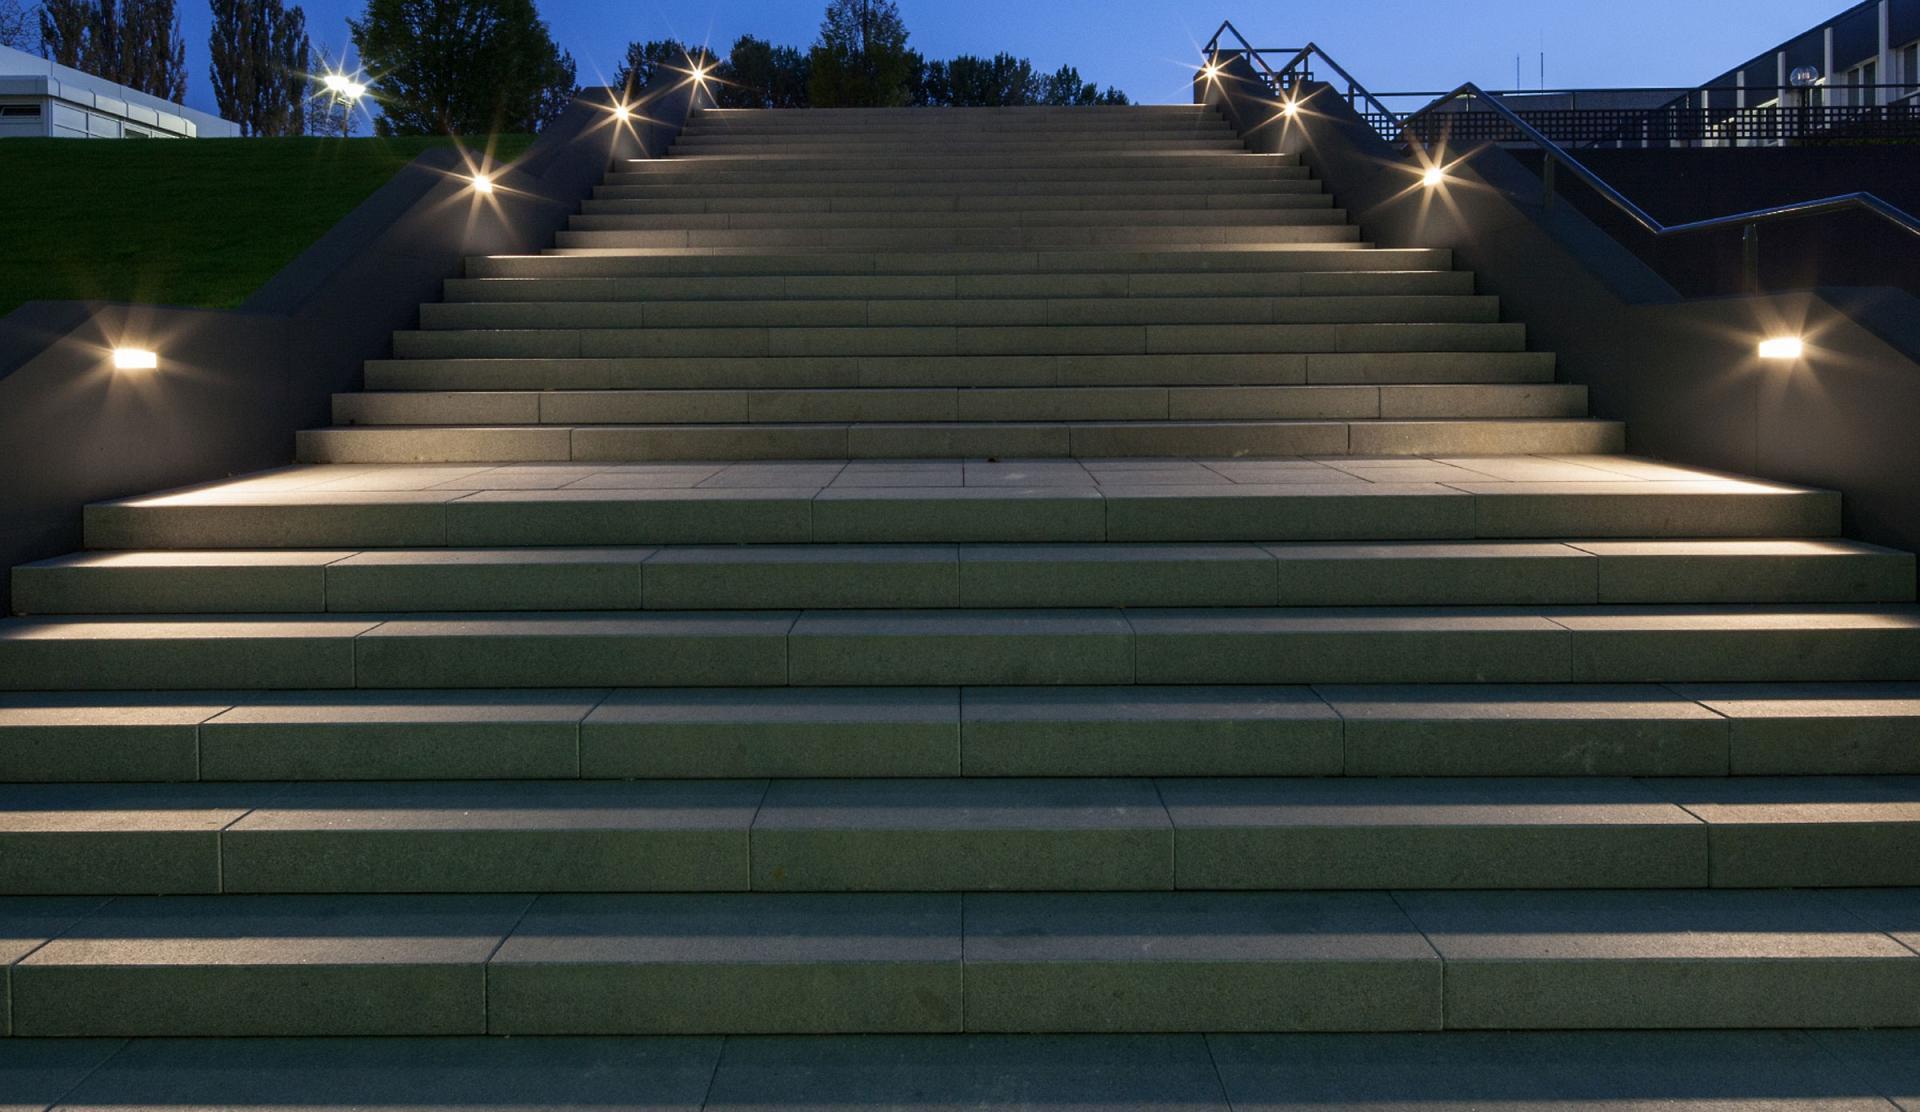 Illuminazione Piazze Pubbliche: Lampada da terra ikea dioder illuminazione mu...